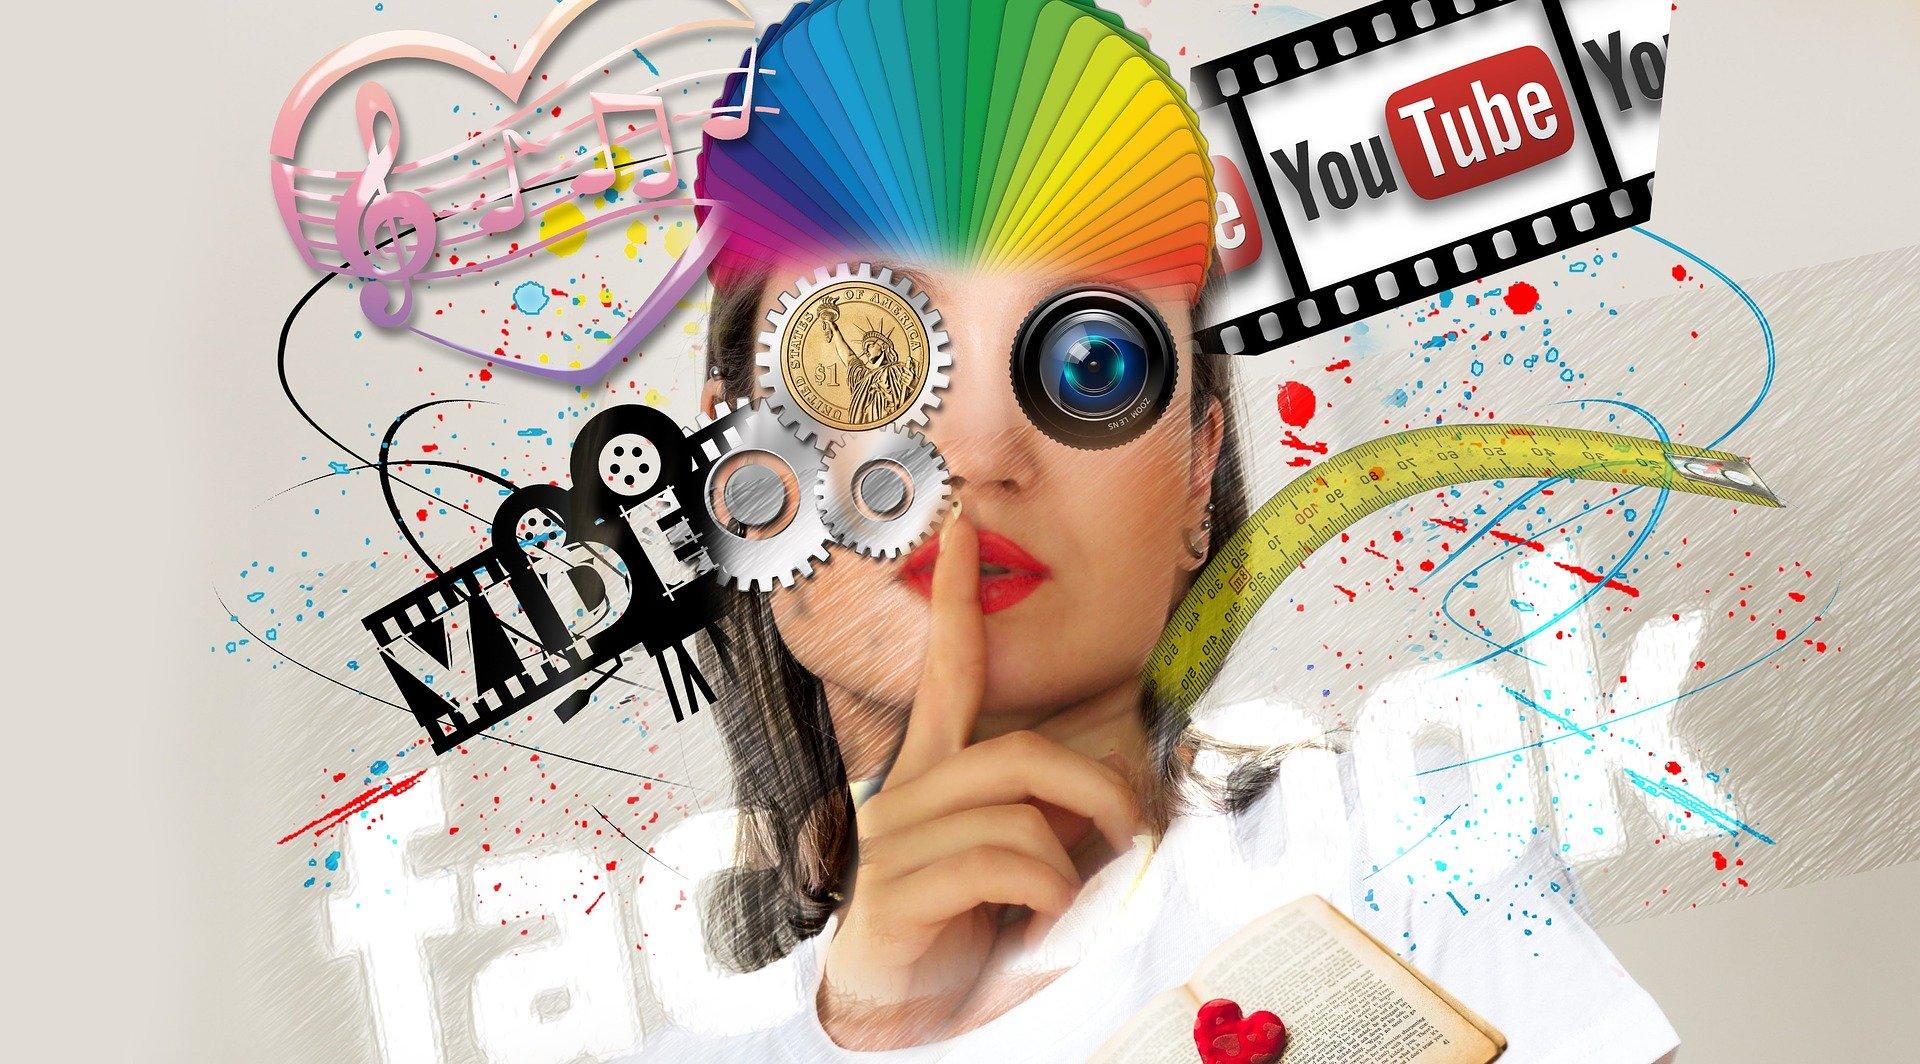 Eine durchdachte Online Marketing Strategie schafft einen Überblick im Online Dschungel und sorgt für Klarheit, welche Maßnahmen und Wege sinnvoll und zielführend sind.